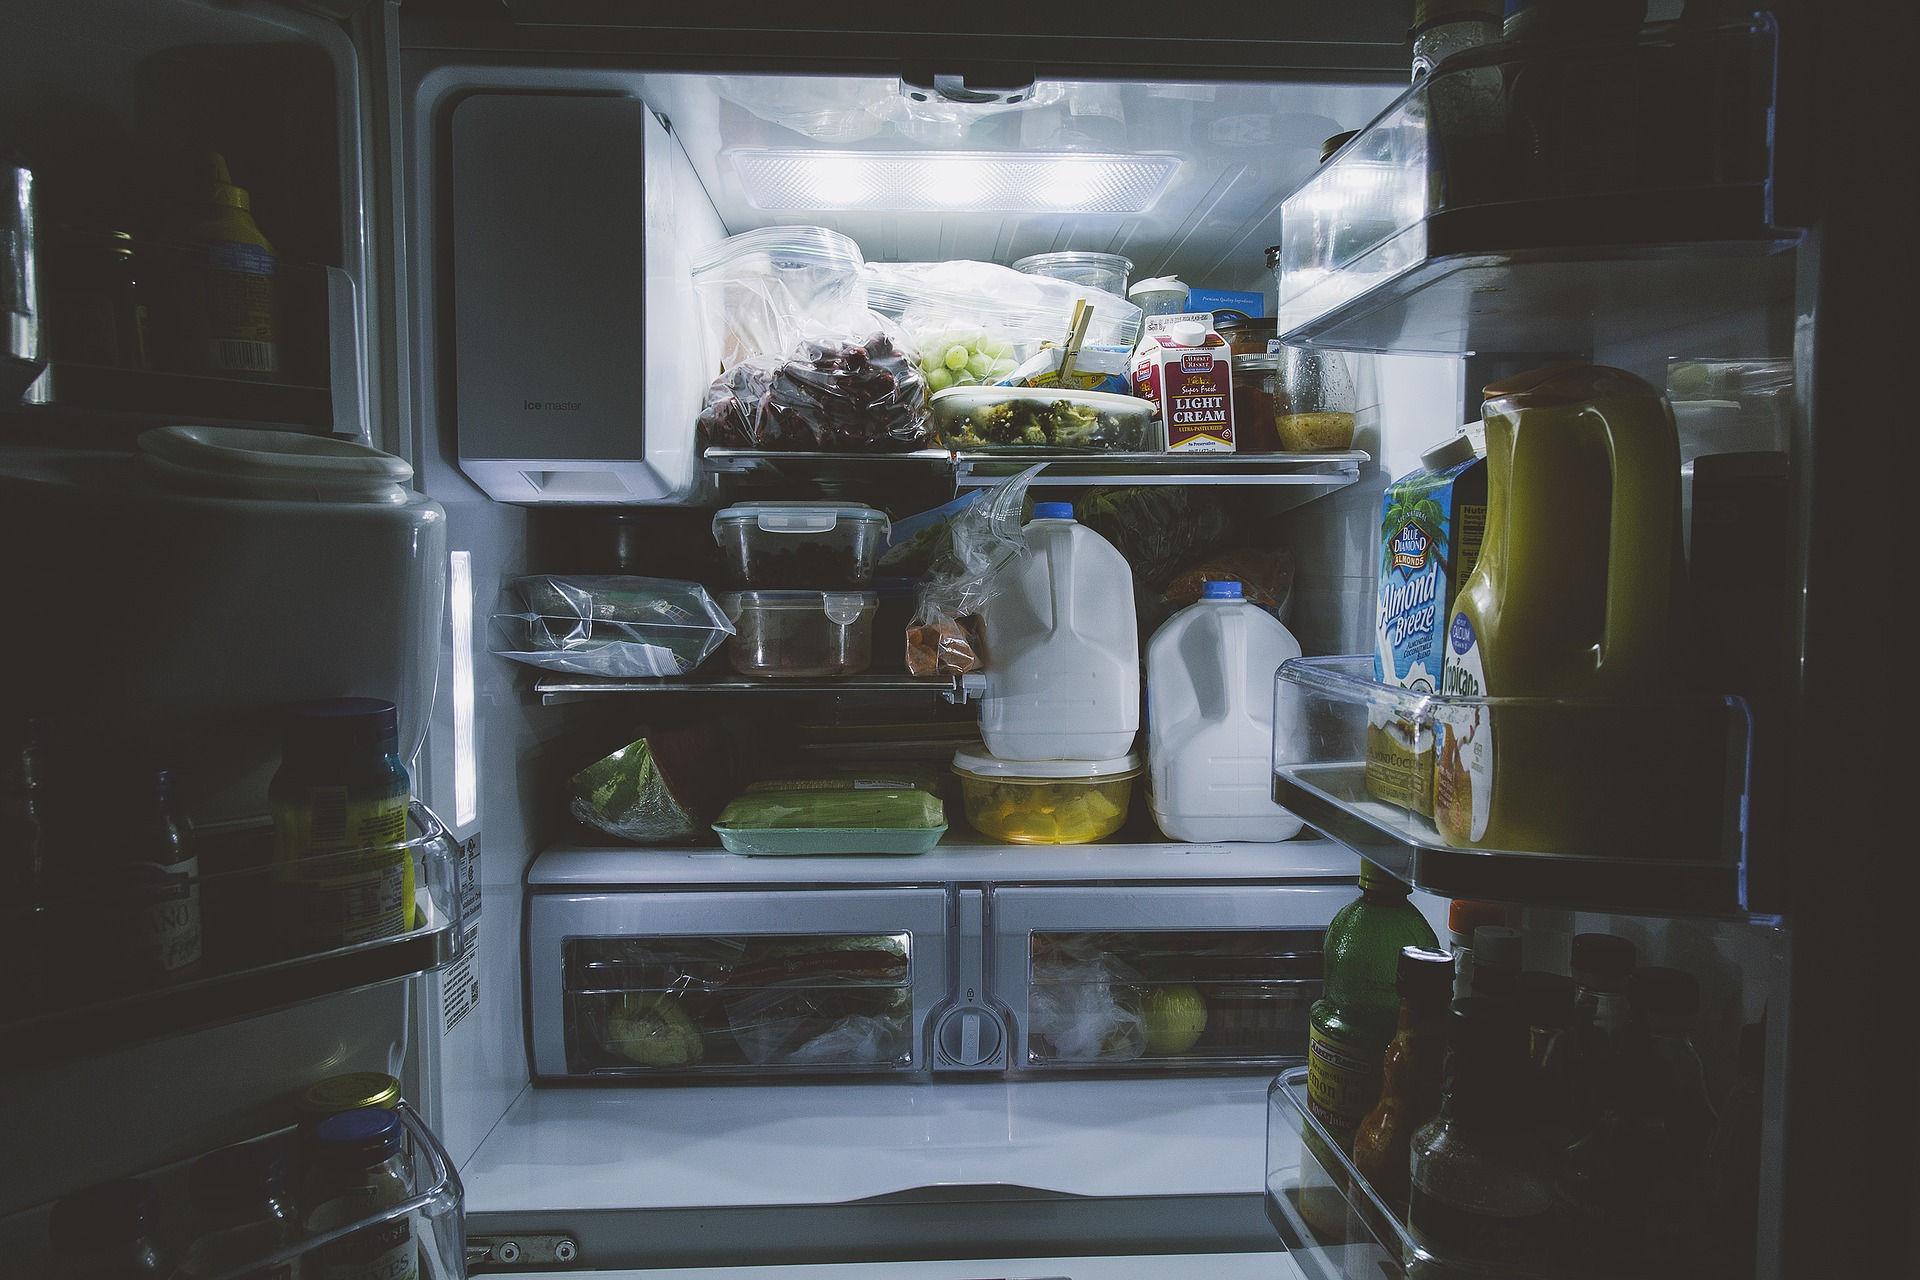 10 17 19 4news Come scegliere il frigorifero piccolo per le tue esigenze corretto - Come scegliere il frigorifero piccolo per le tue esigenze